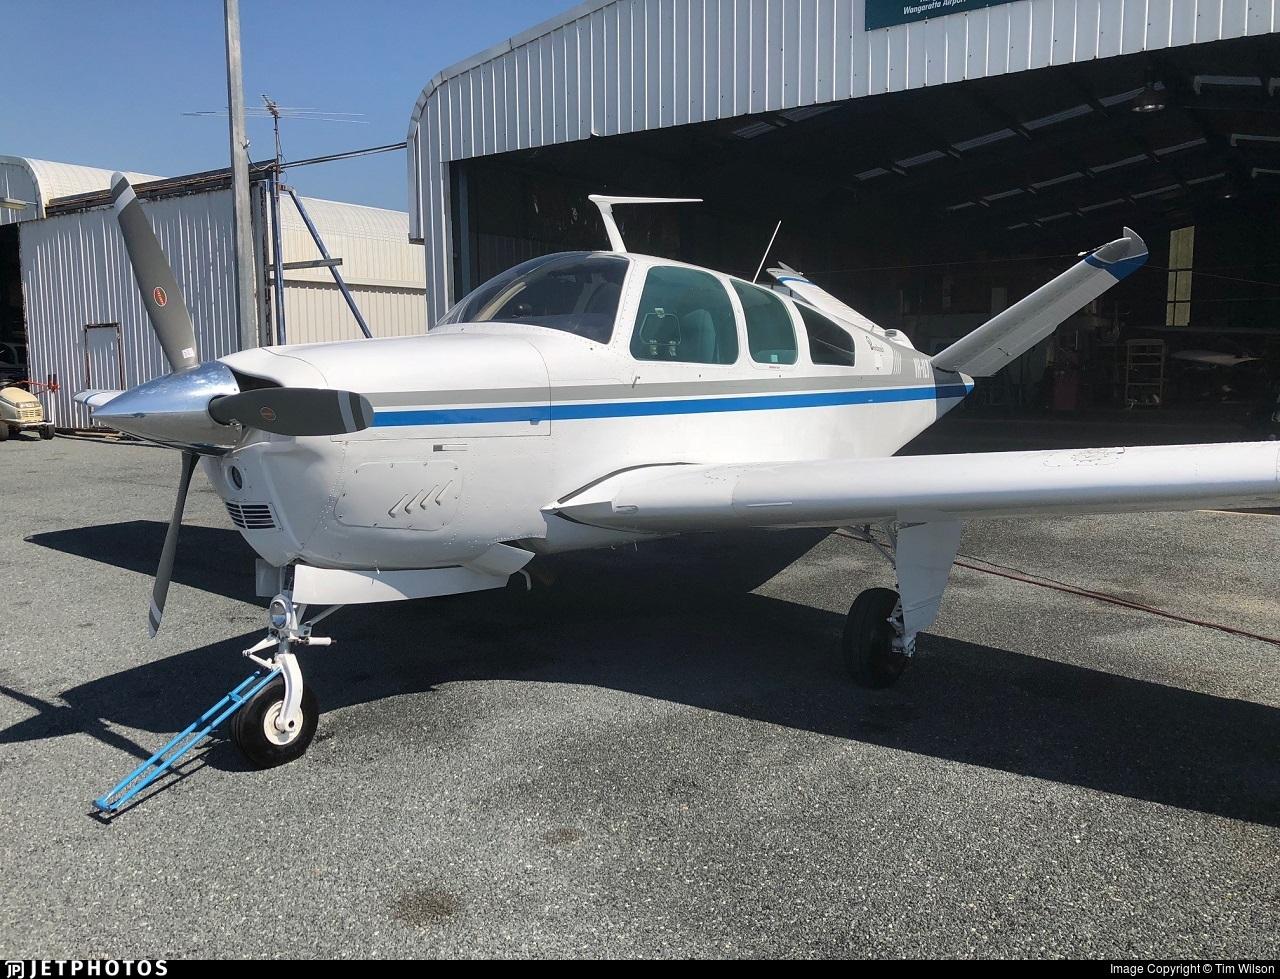 VH-ILY - Beechcraft V35B Bonanza - Privateways